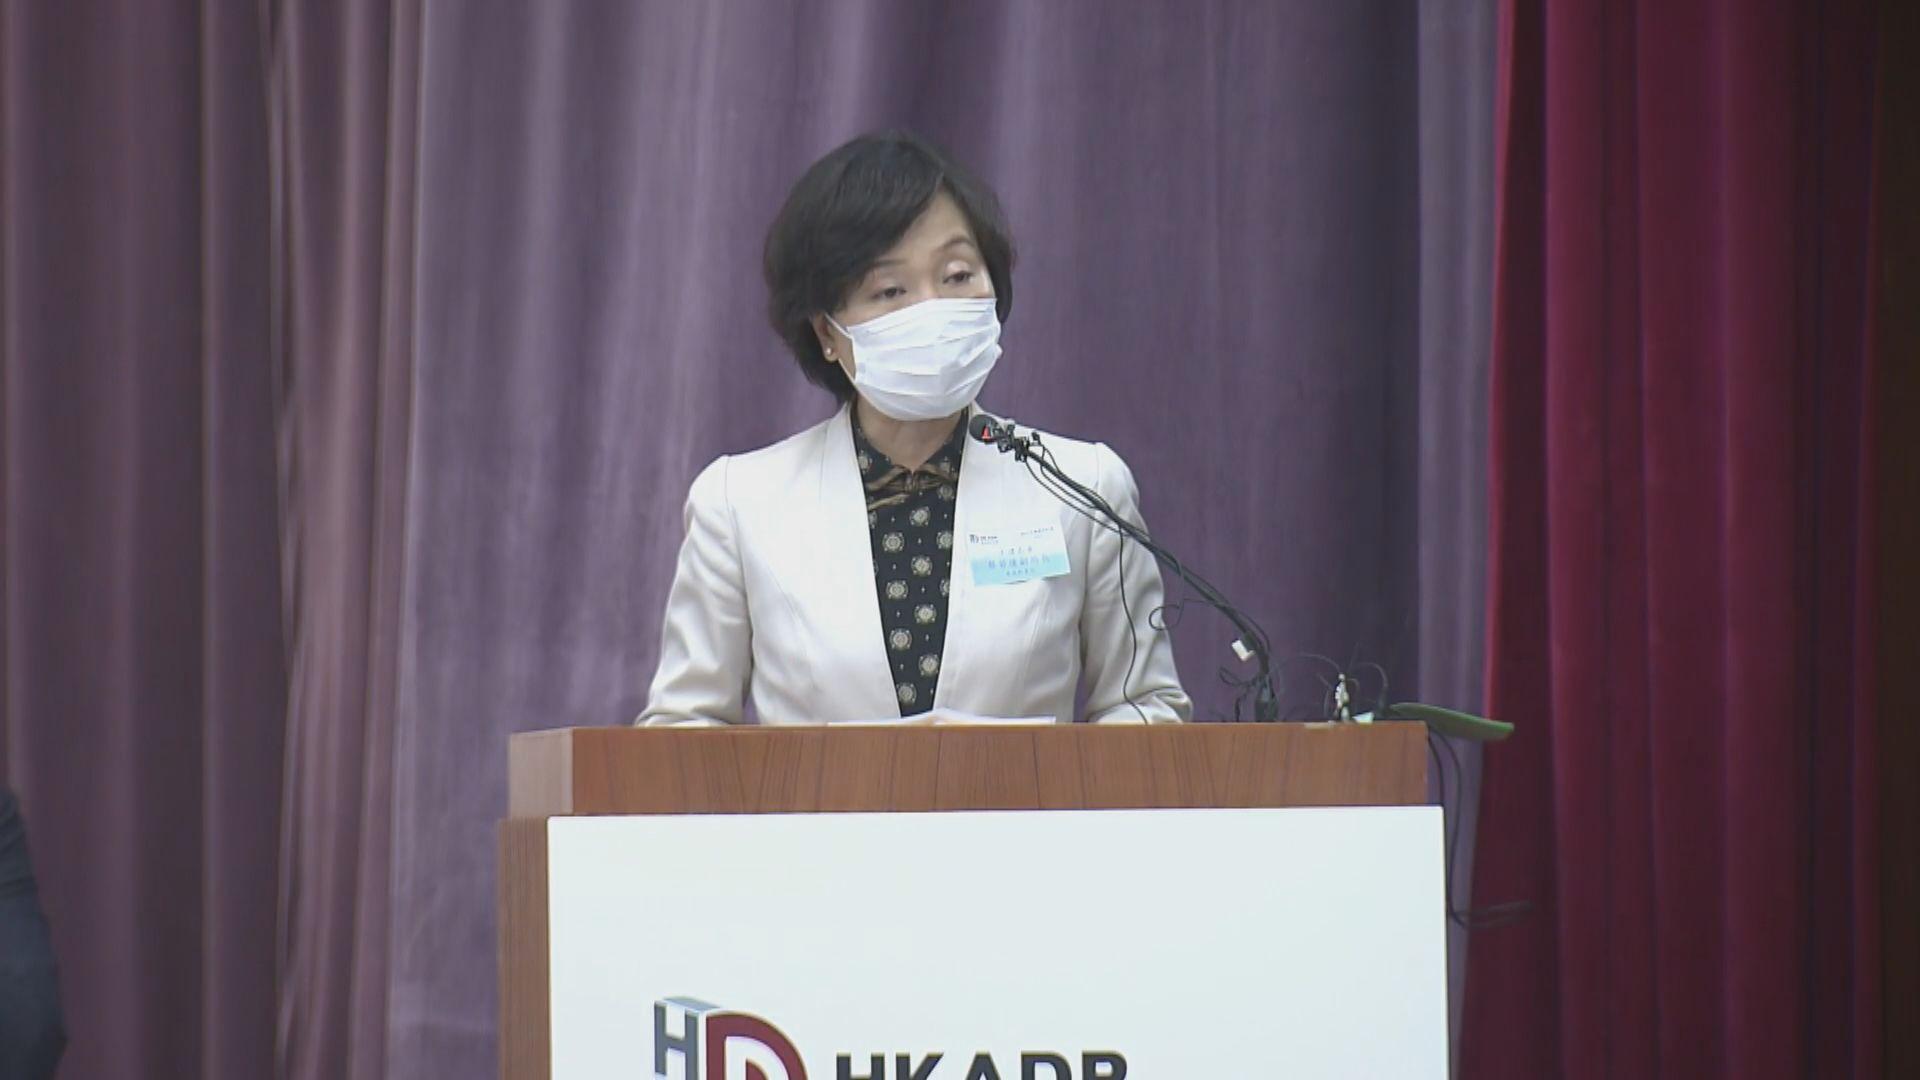 蔡若蓮:學校管理層有責任積極推動國民教育